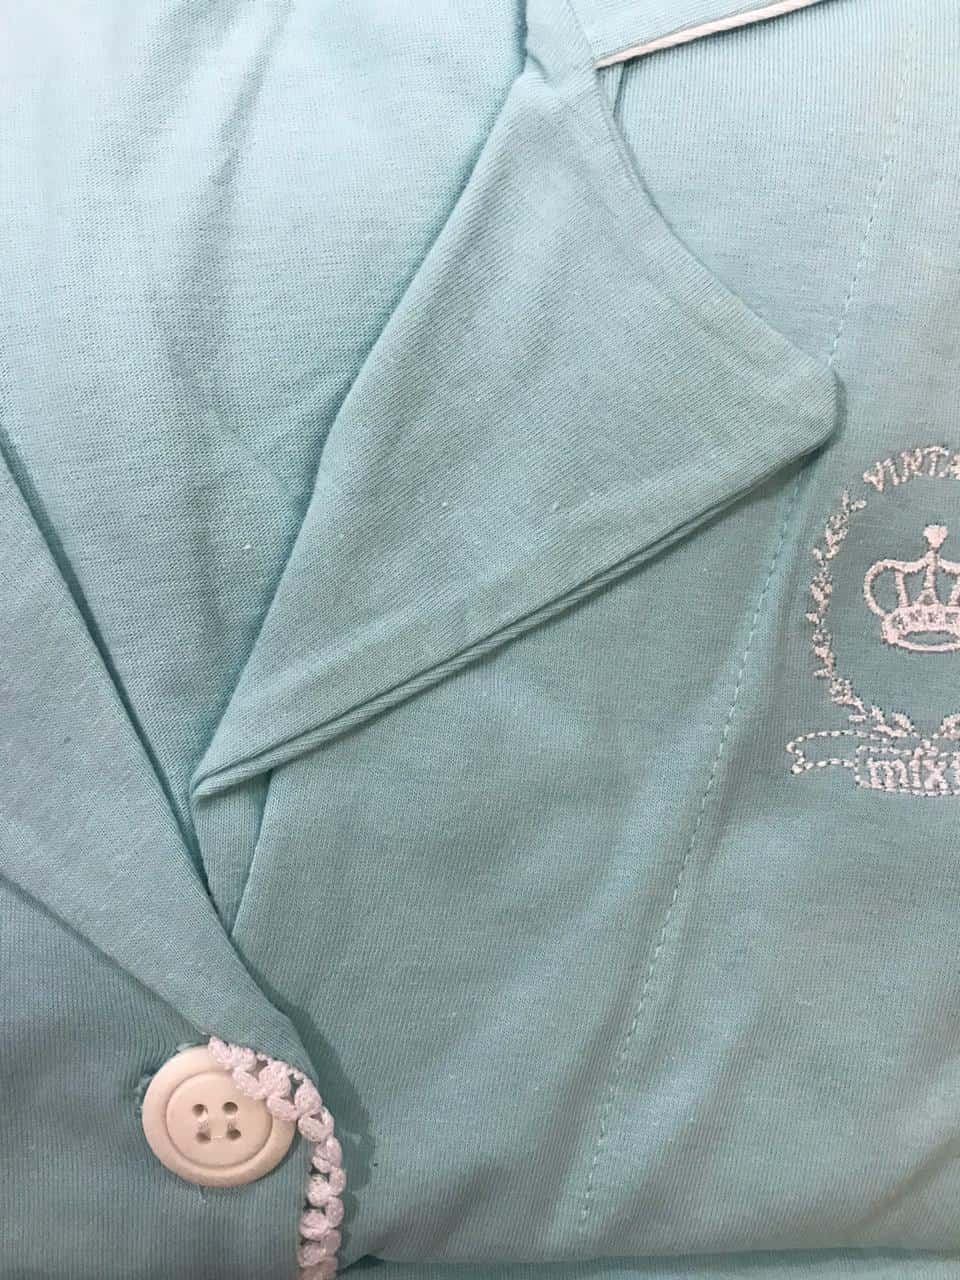 Pijama Feminino Adulto Mixte Blusa 3/4 e bermuda Algodão 7931 - Verde Água